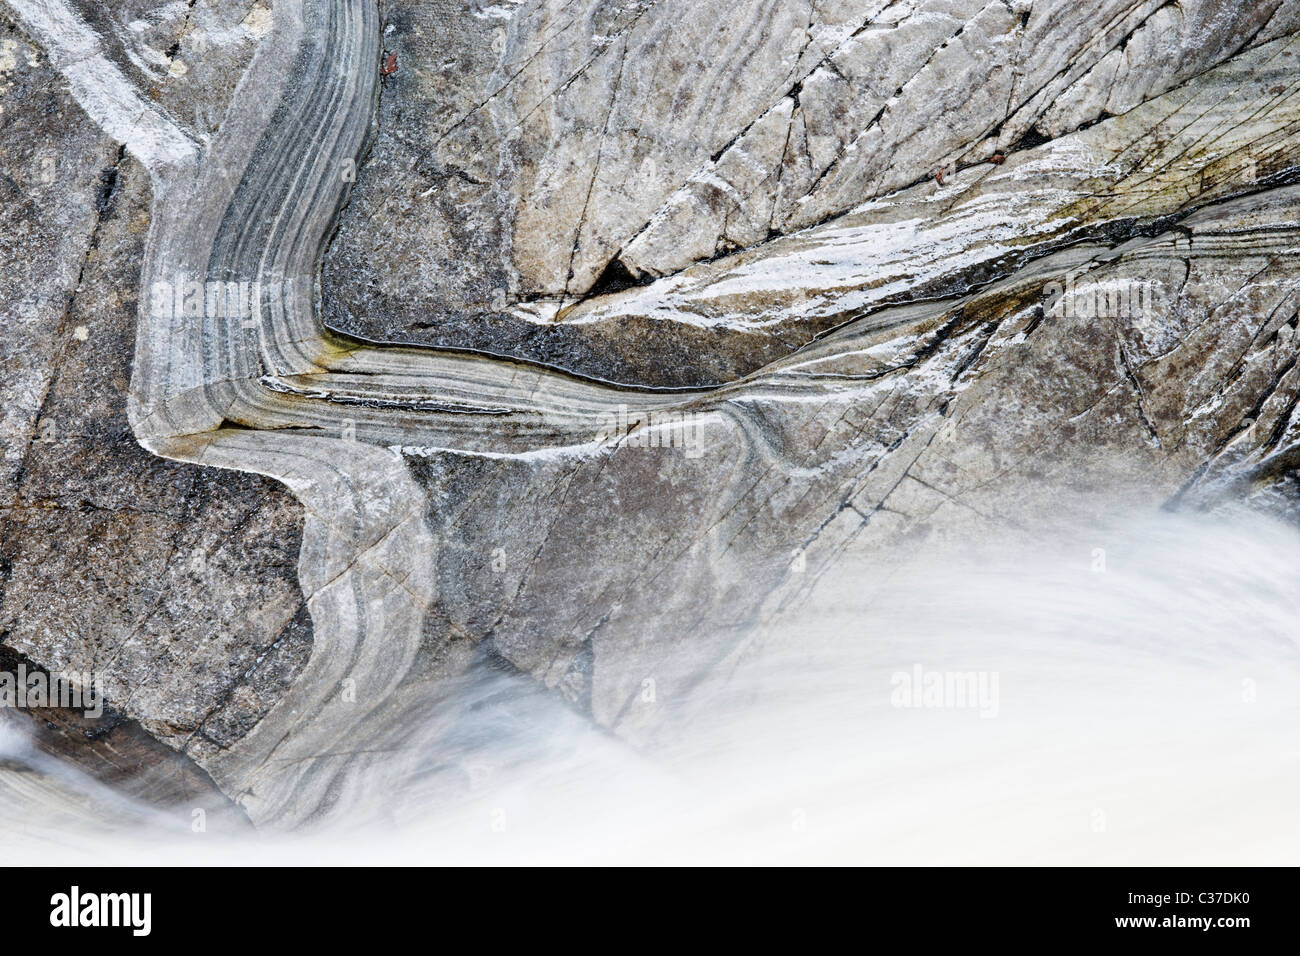 Das Wasser des Bruar und Glimmer-Schiefer-Felsen, Perth und Kinross, Schottland, Großbritannien. Stockbild